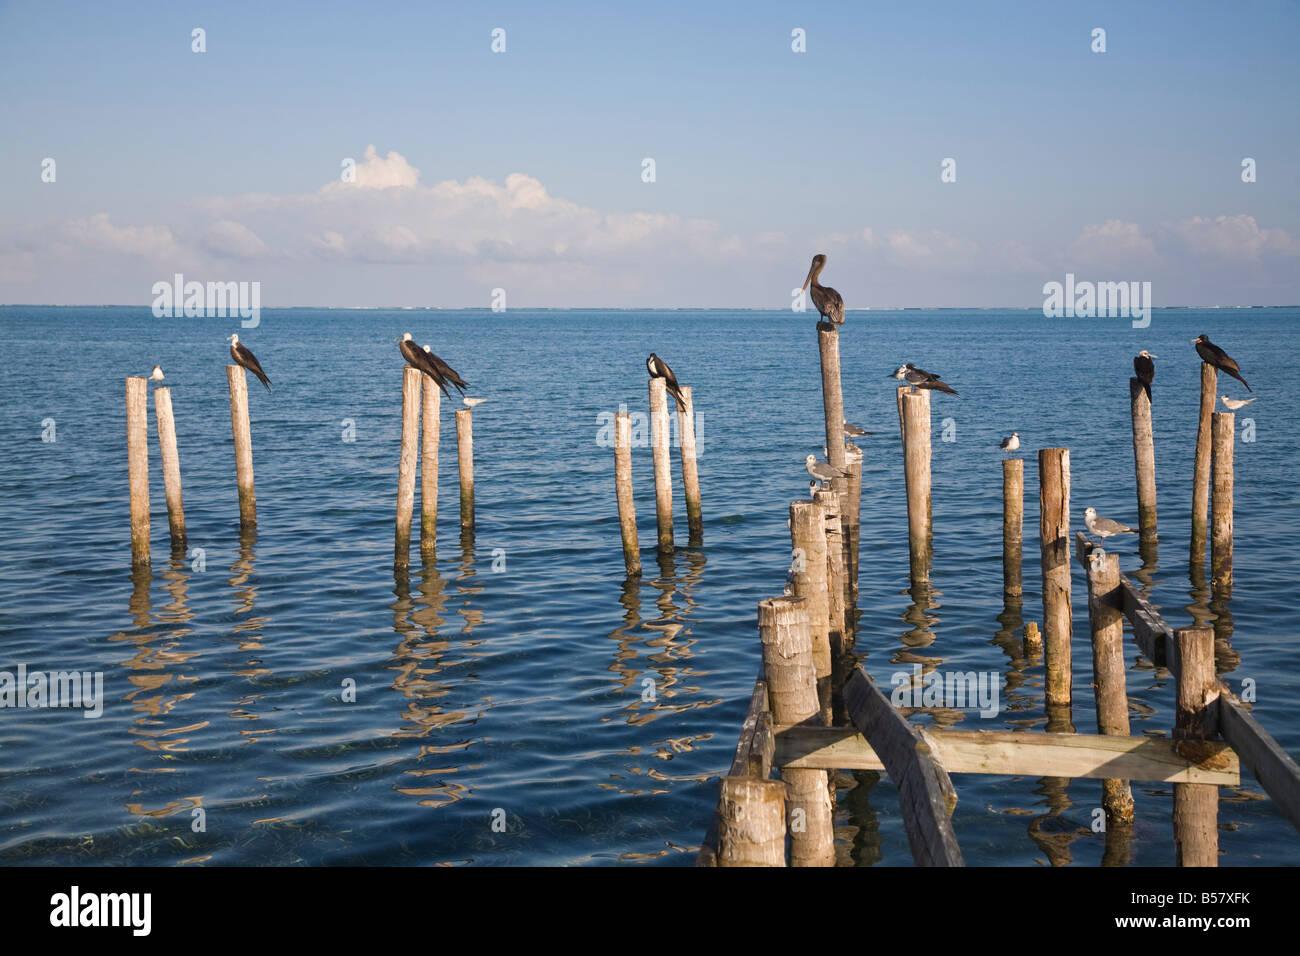 Birds on jetty posts Caye Caulker Belize Central America - Stock Image